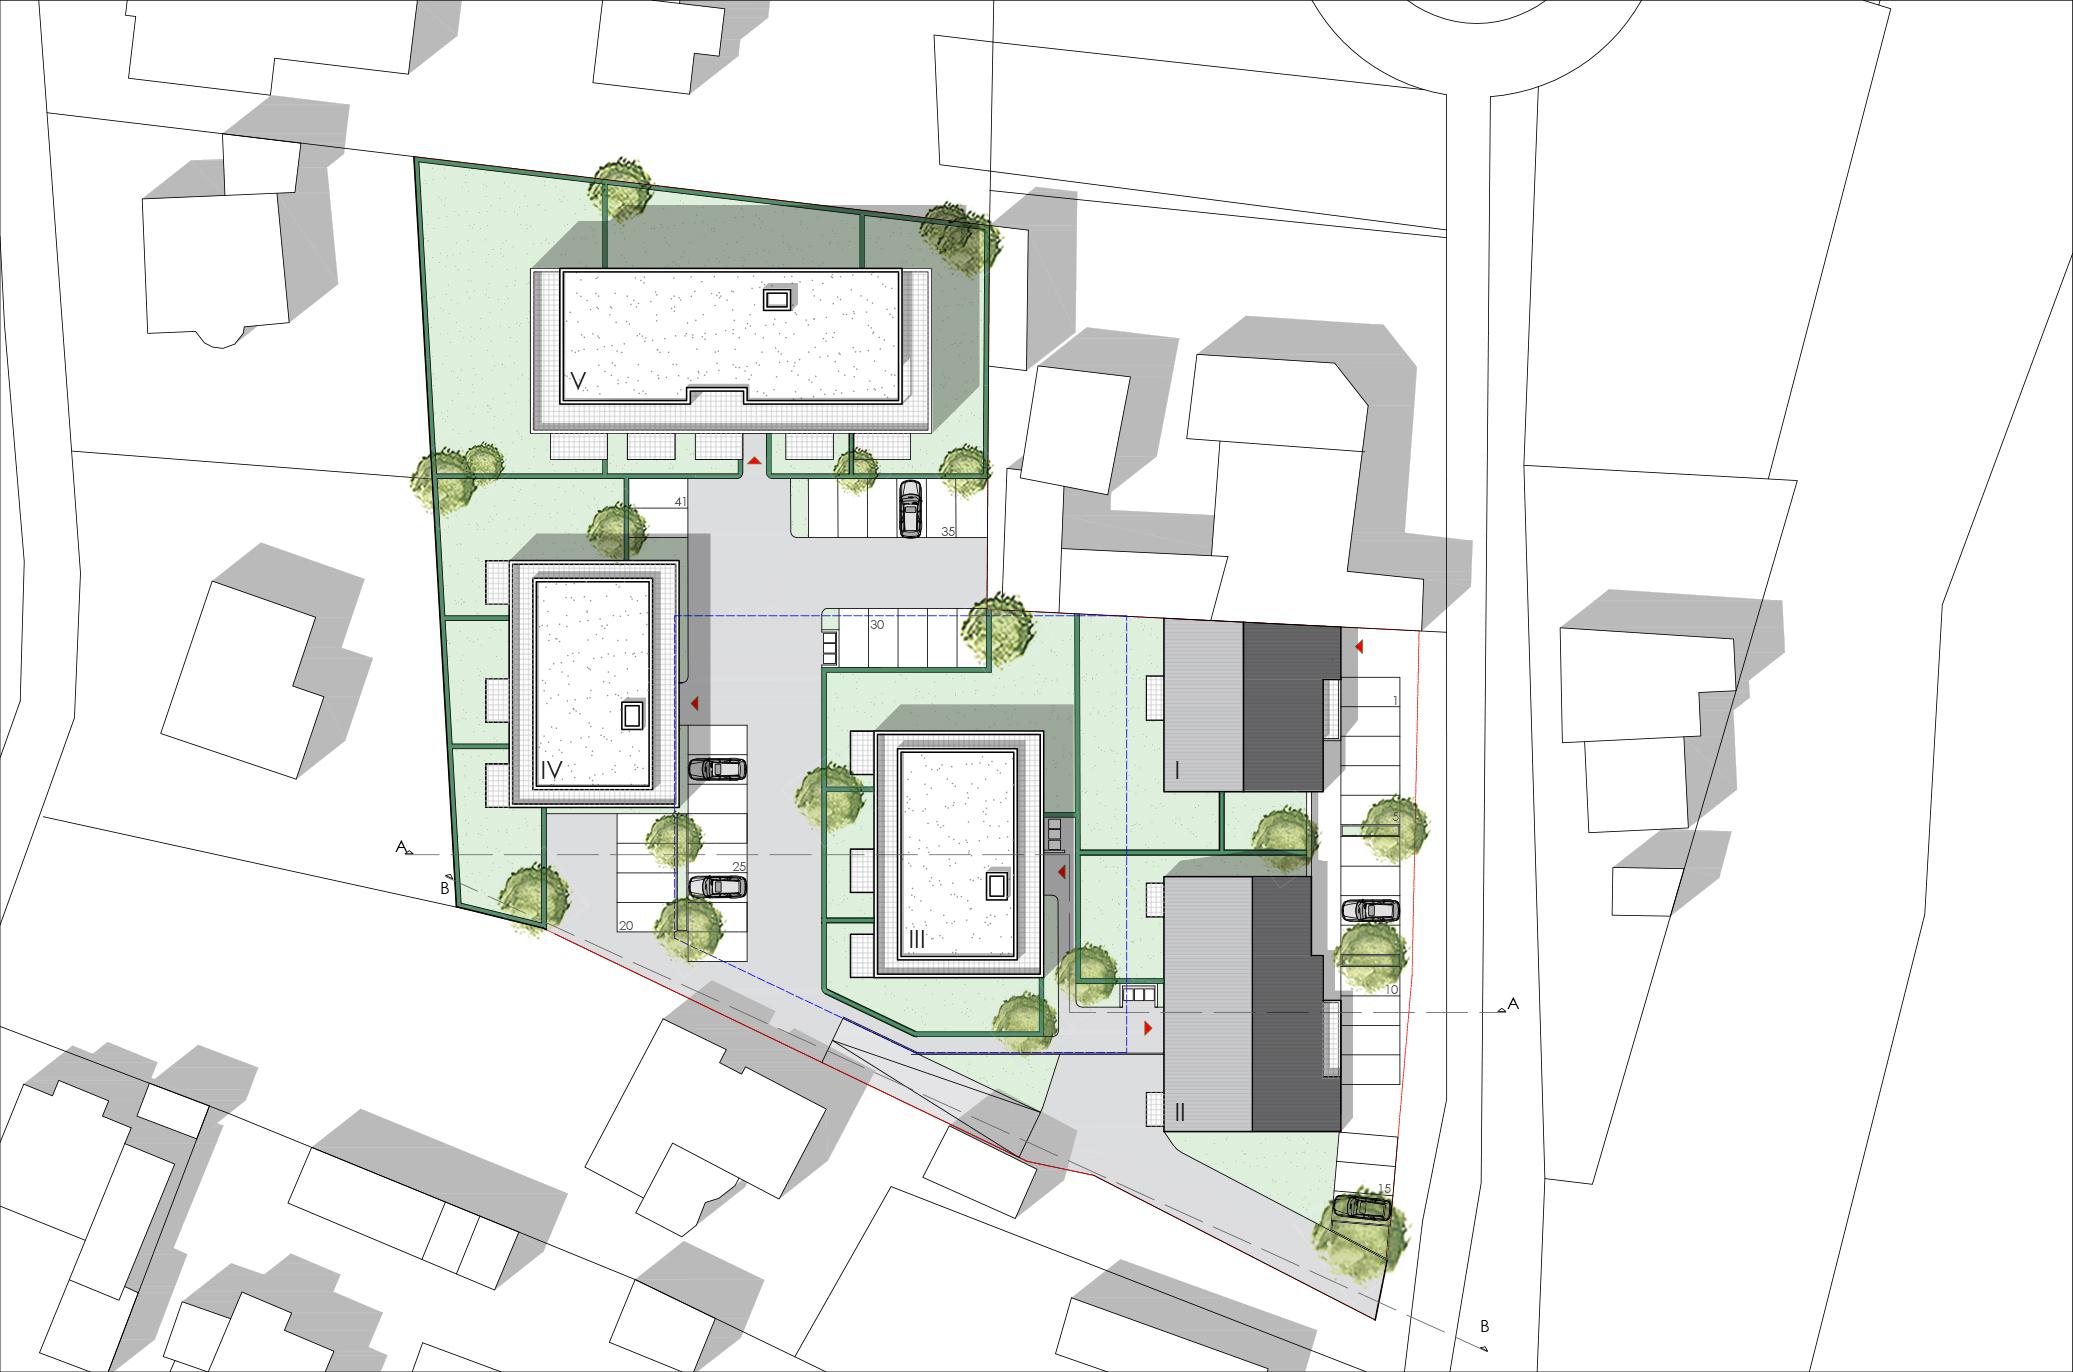 Entwurf Vogelperspektive Visualisierung Wohnanlage Ulmen Lageplan